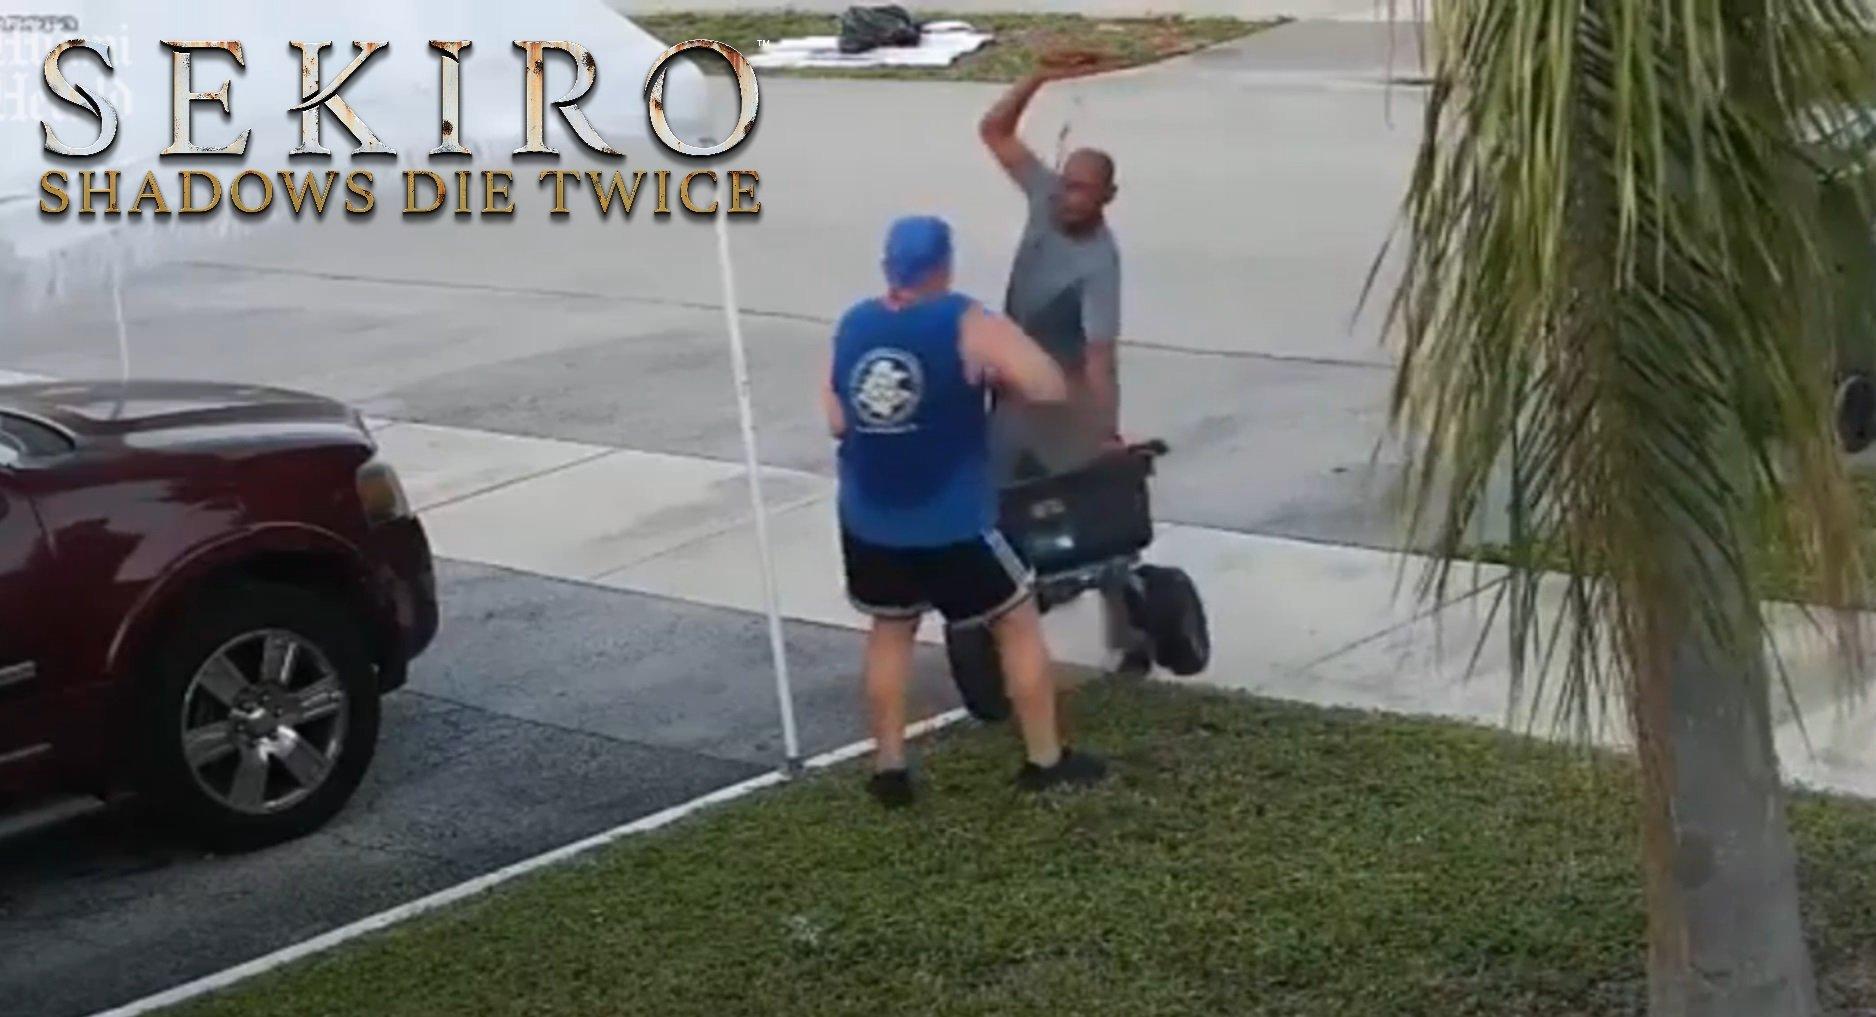 мужчина из Флориды понедельник начинается с дичи отвратительные мужики